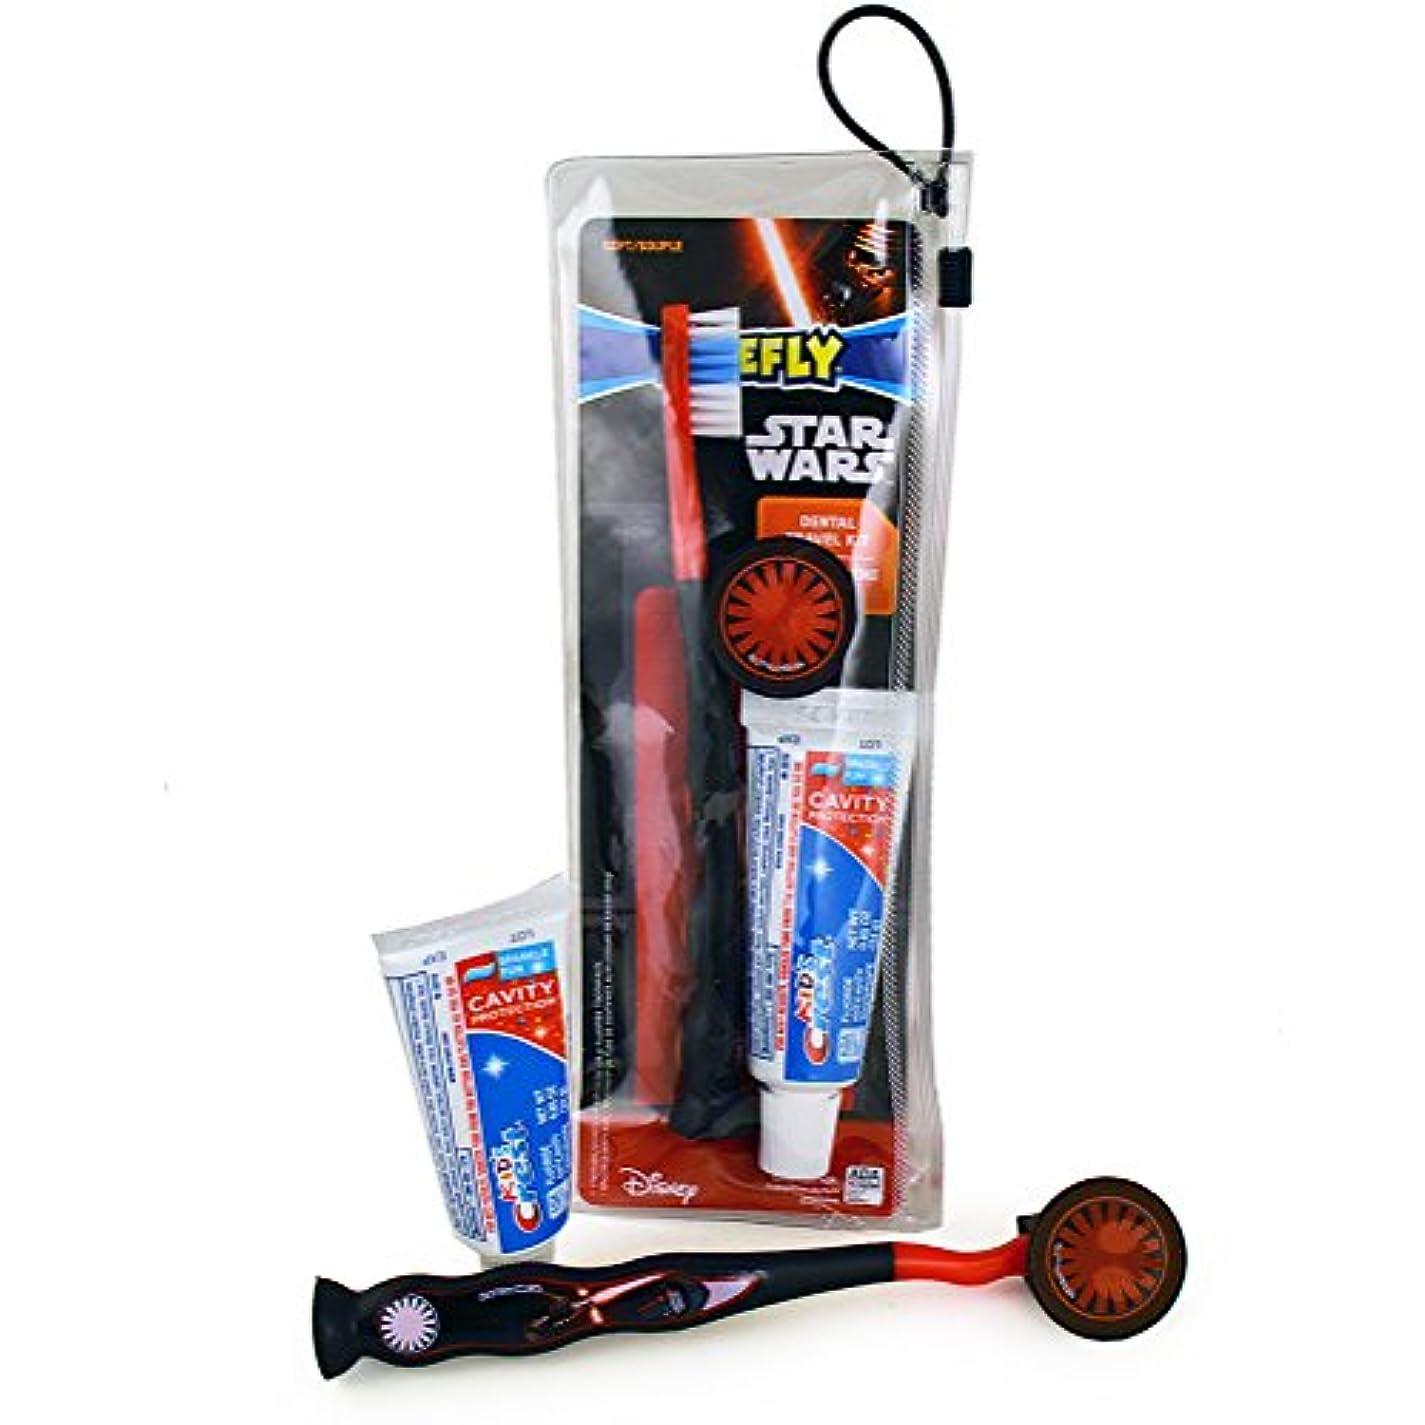 アルネ復活させる成熟Firefly Star Wars Dental Travel Kit スターウォーズ デンタルトラベルキット(歯ブラシ、歯ブラシキャップ、子供用歯磨き粉24g)